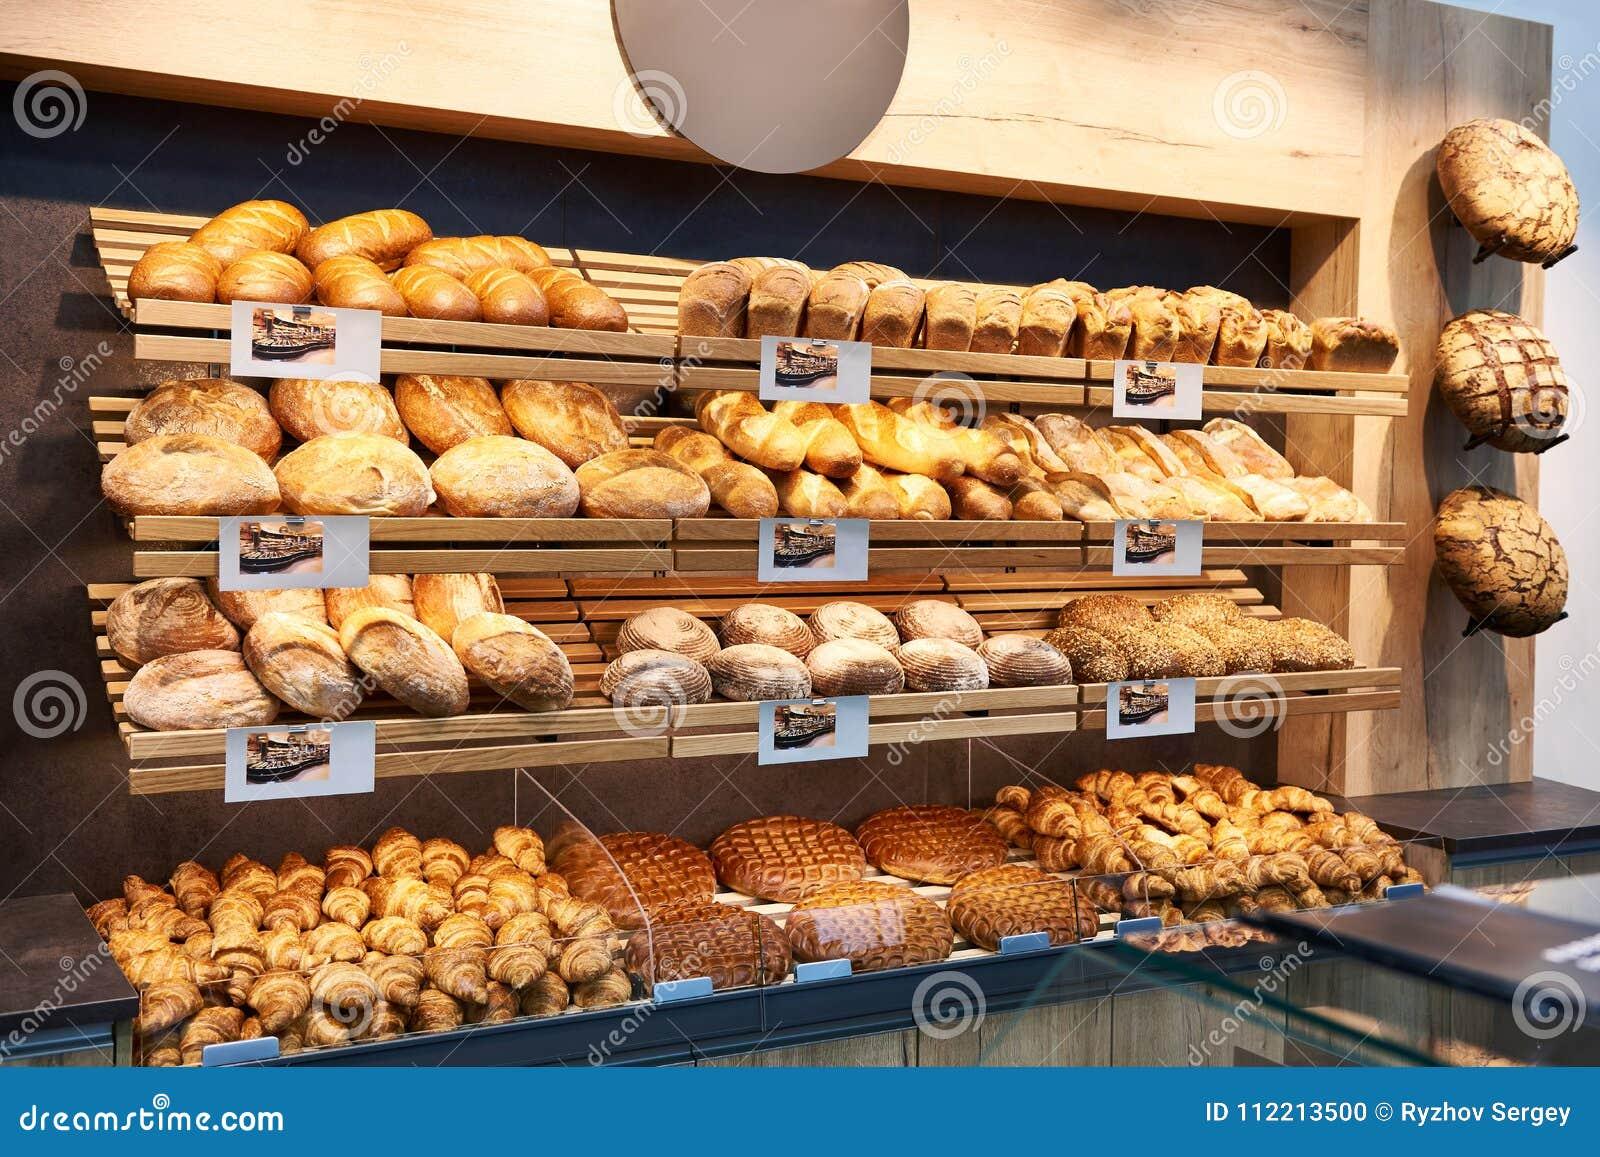 Φρέσκες ψωμί και ζύμες στα ράφια στο αρτοποιείο